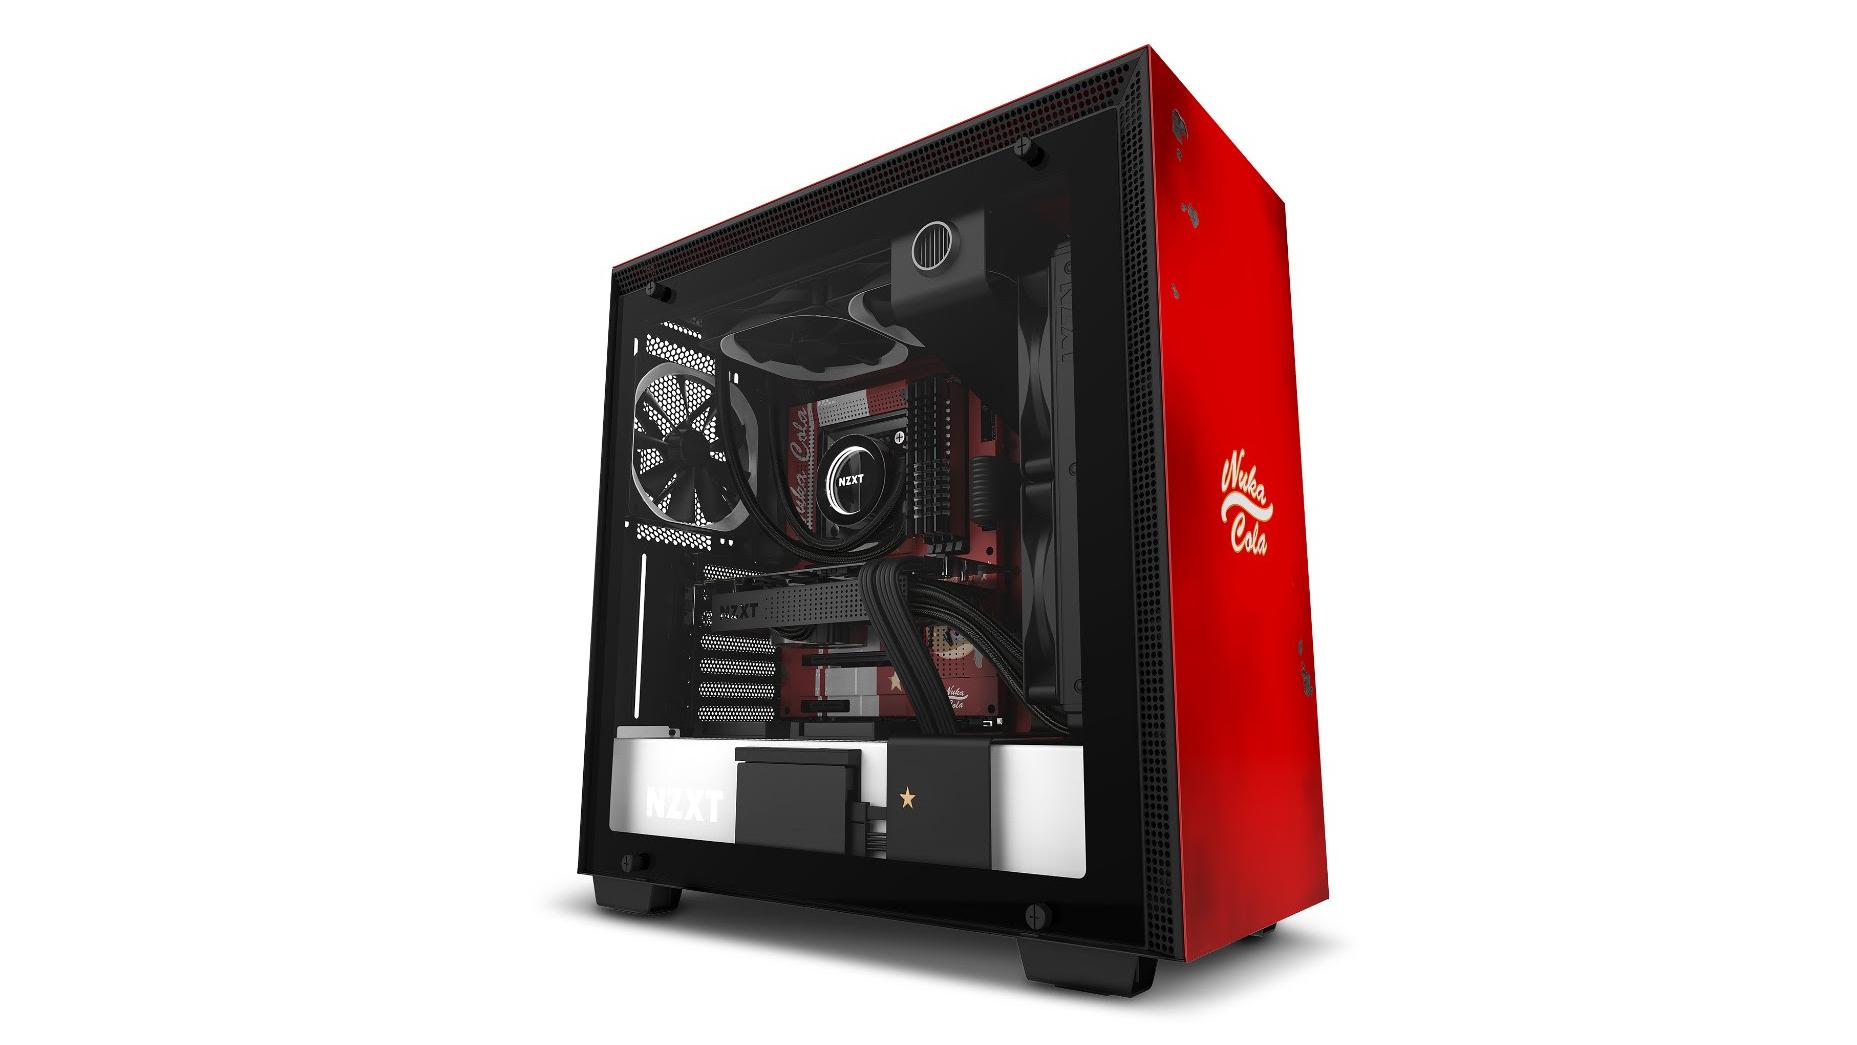 H700 Nuka-Cola PC case